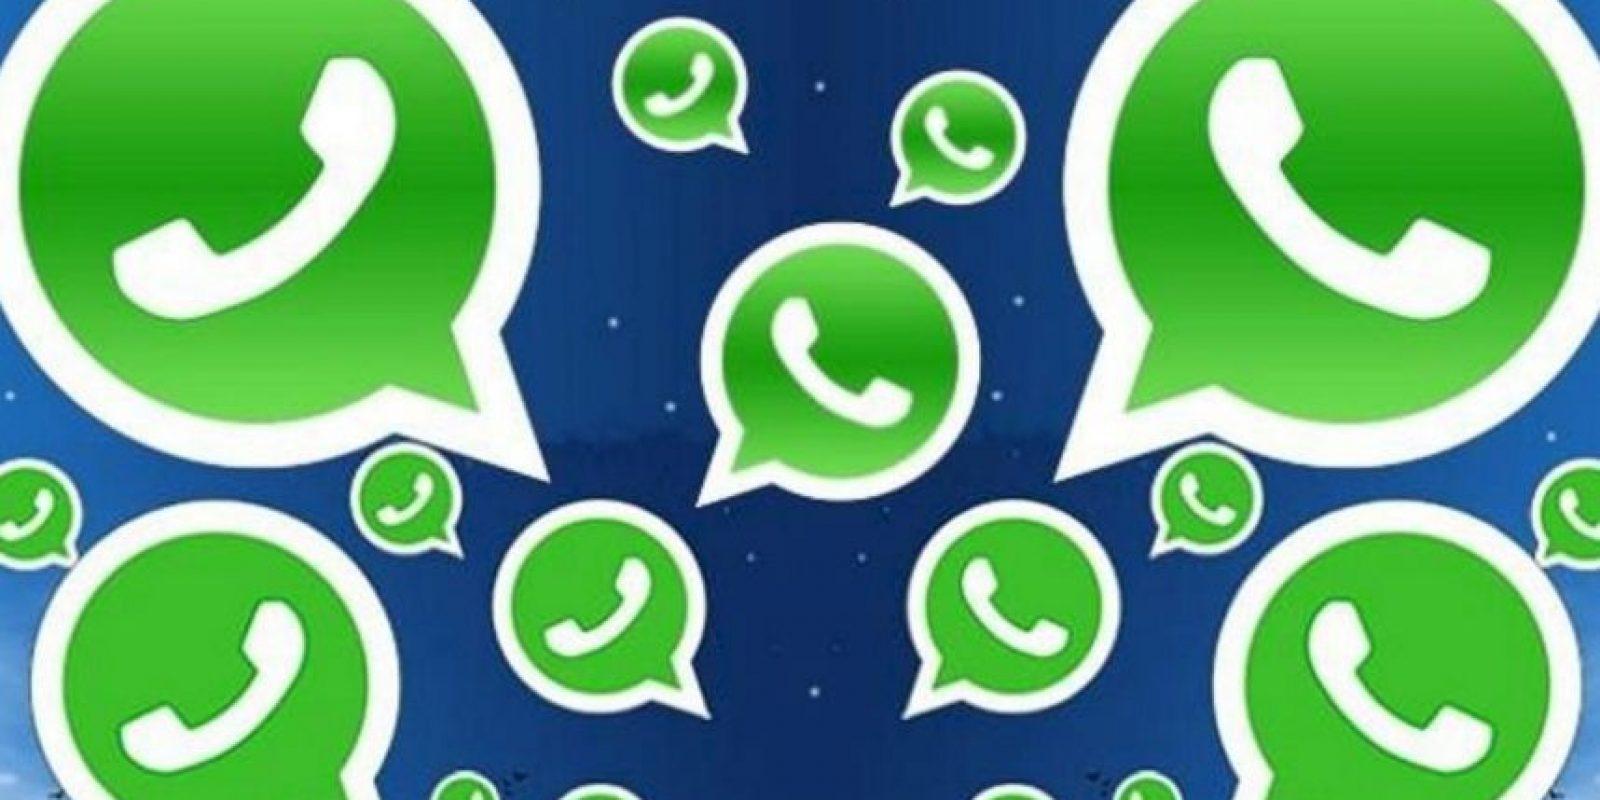 Estas son las más recientes novedades en WhatsApp. Foto:Vía Tumblr.com